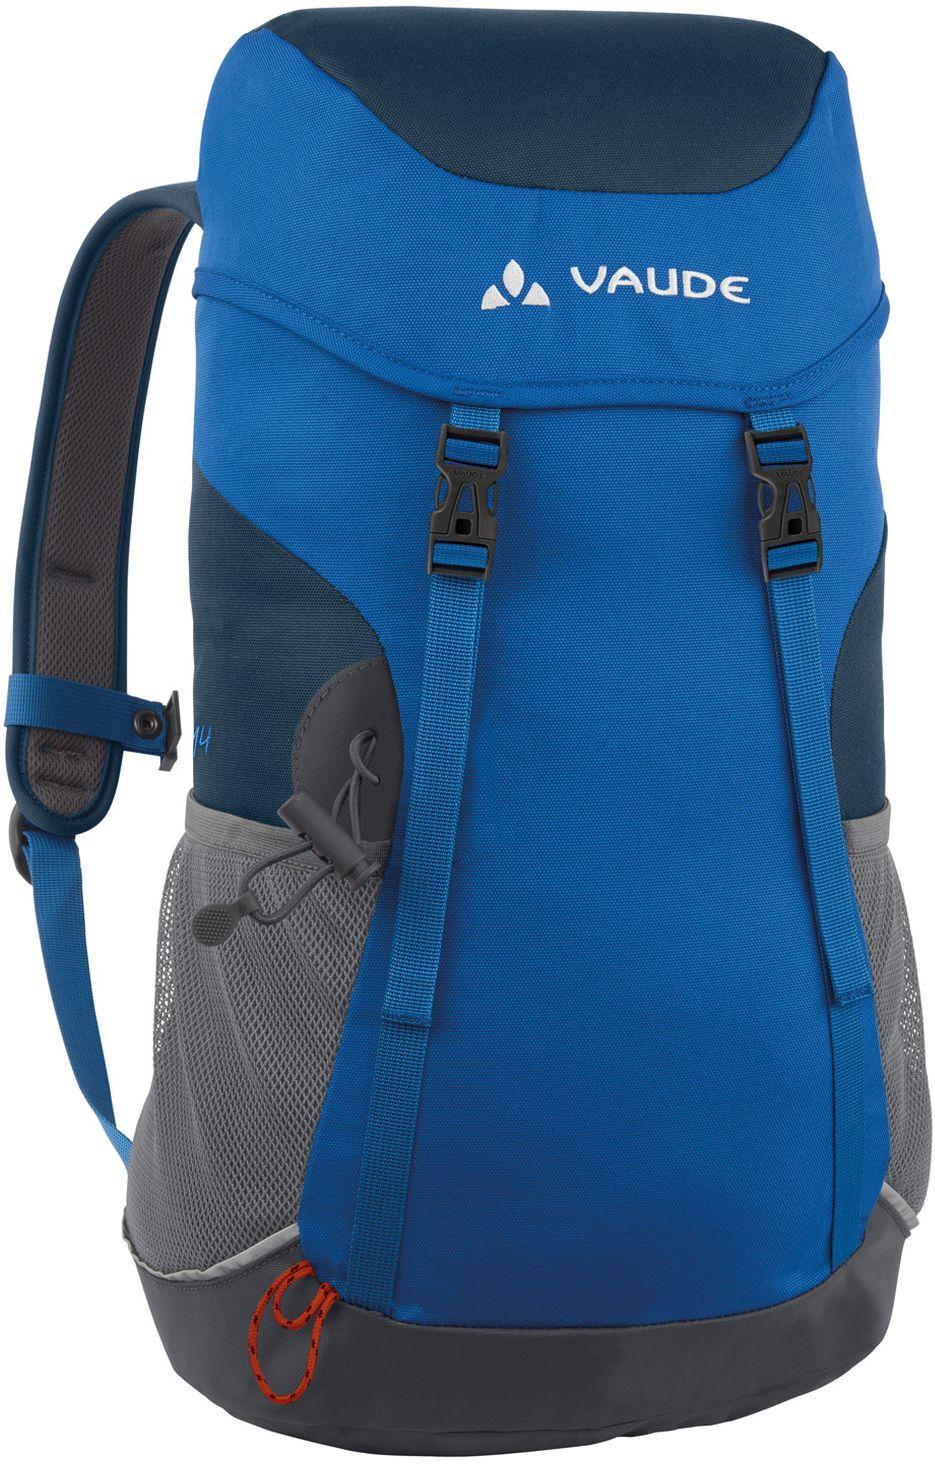 540b81ffcb2 Dětský batoh Vaude Puck 14 - marine blue - Spot Shop